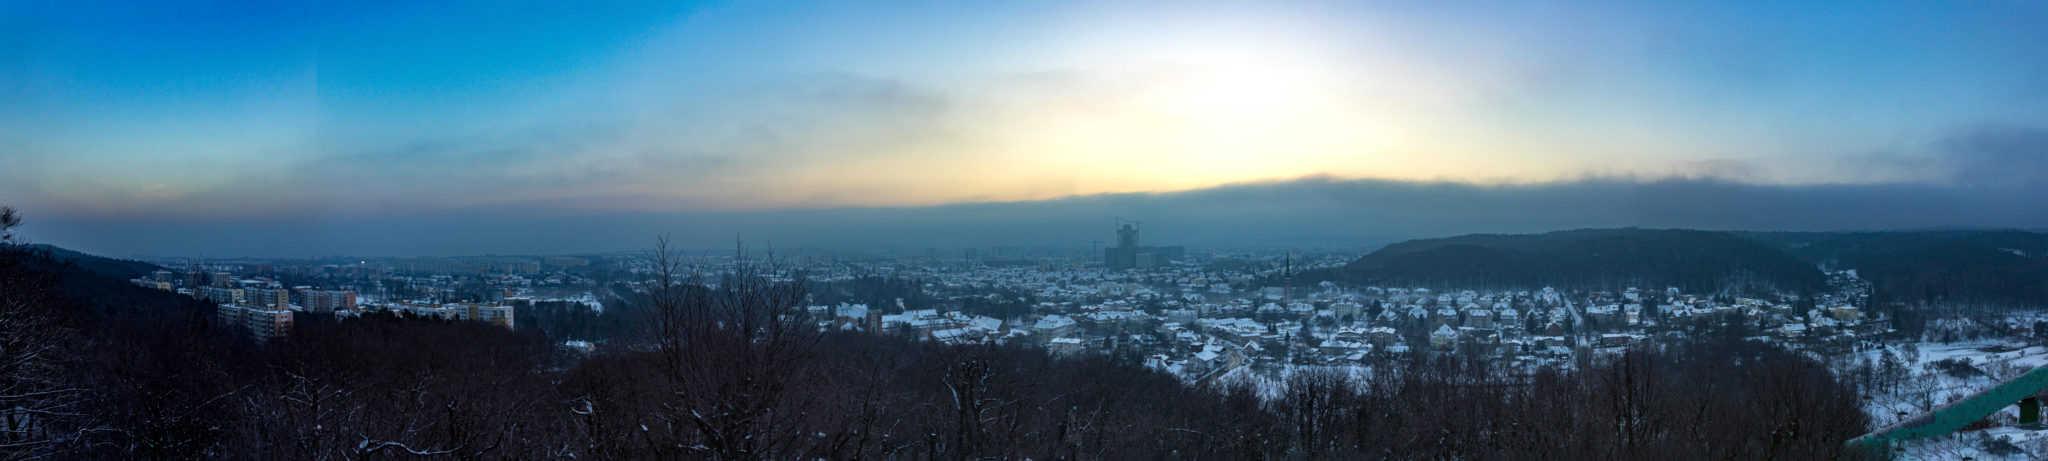 SklejanieZdjęć-Panorama